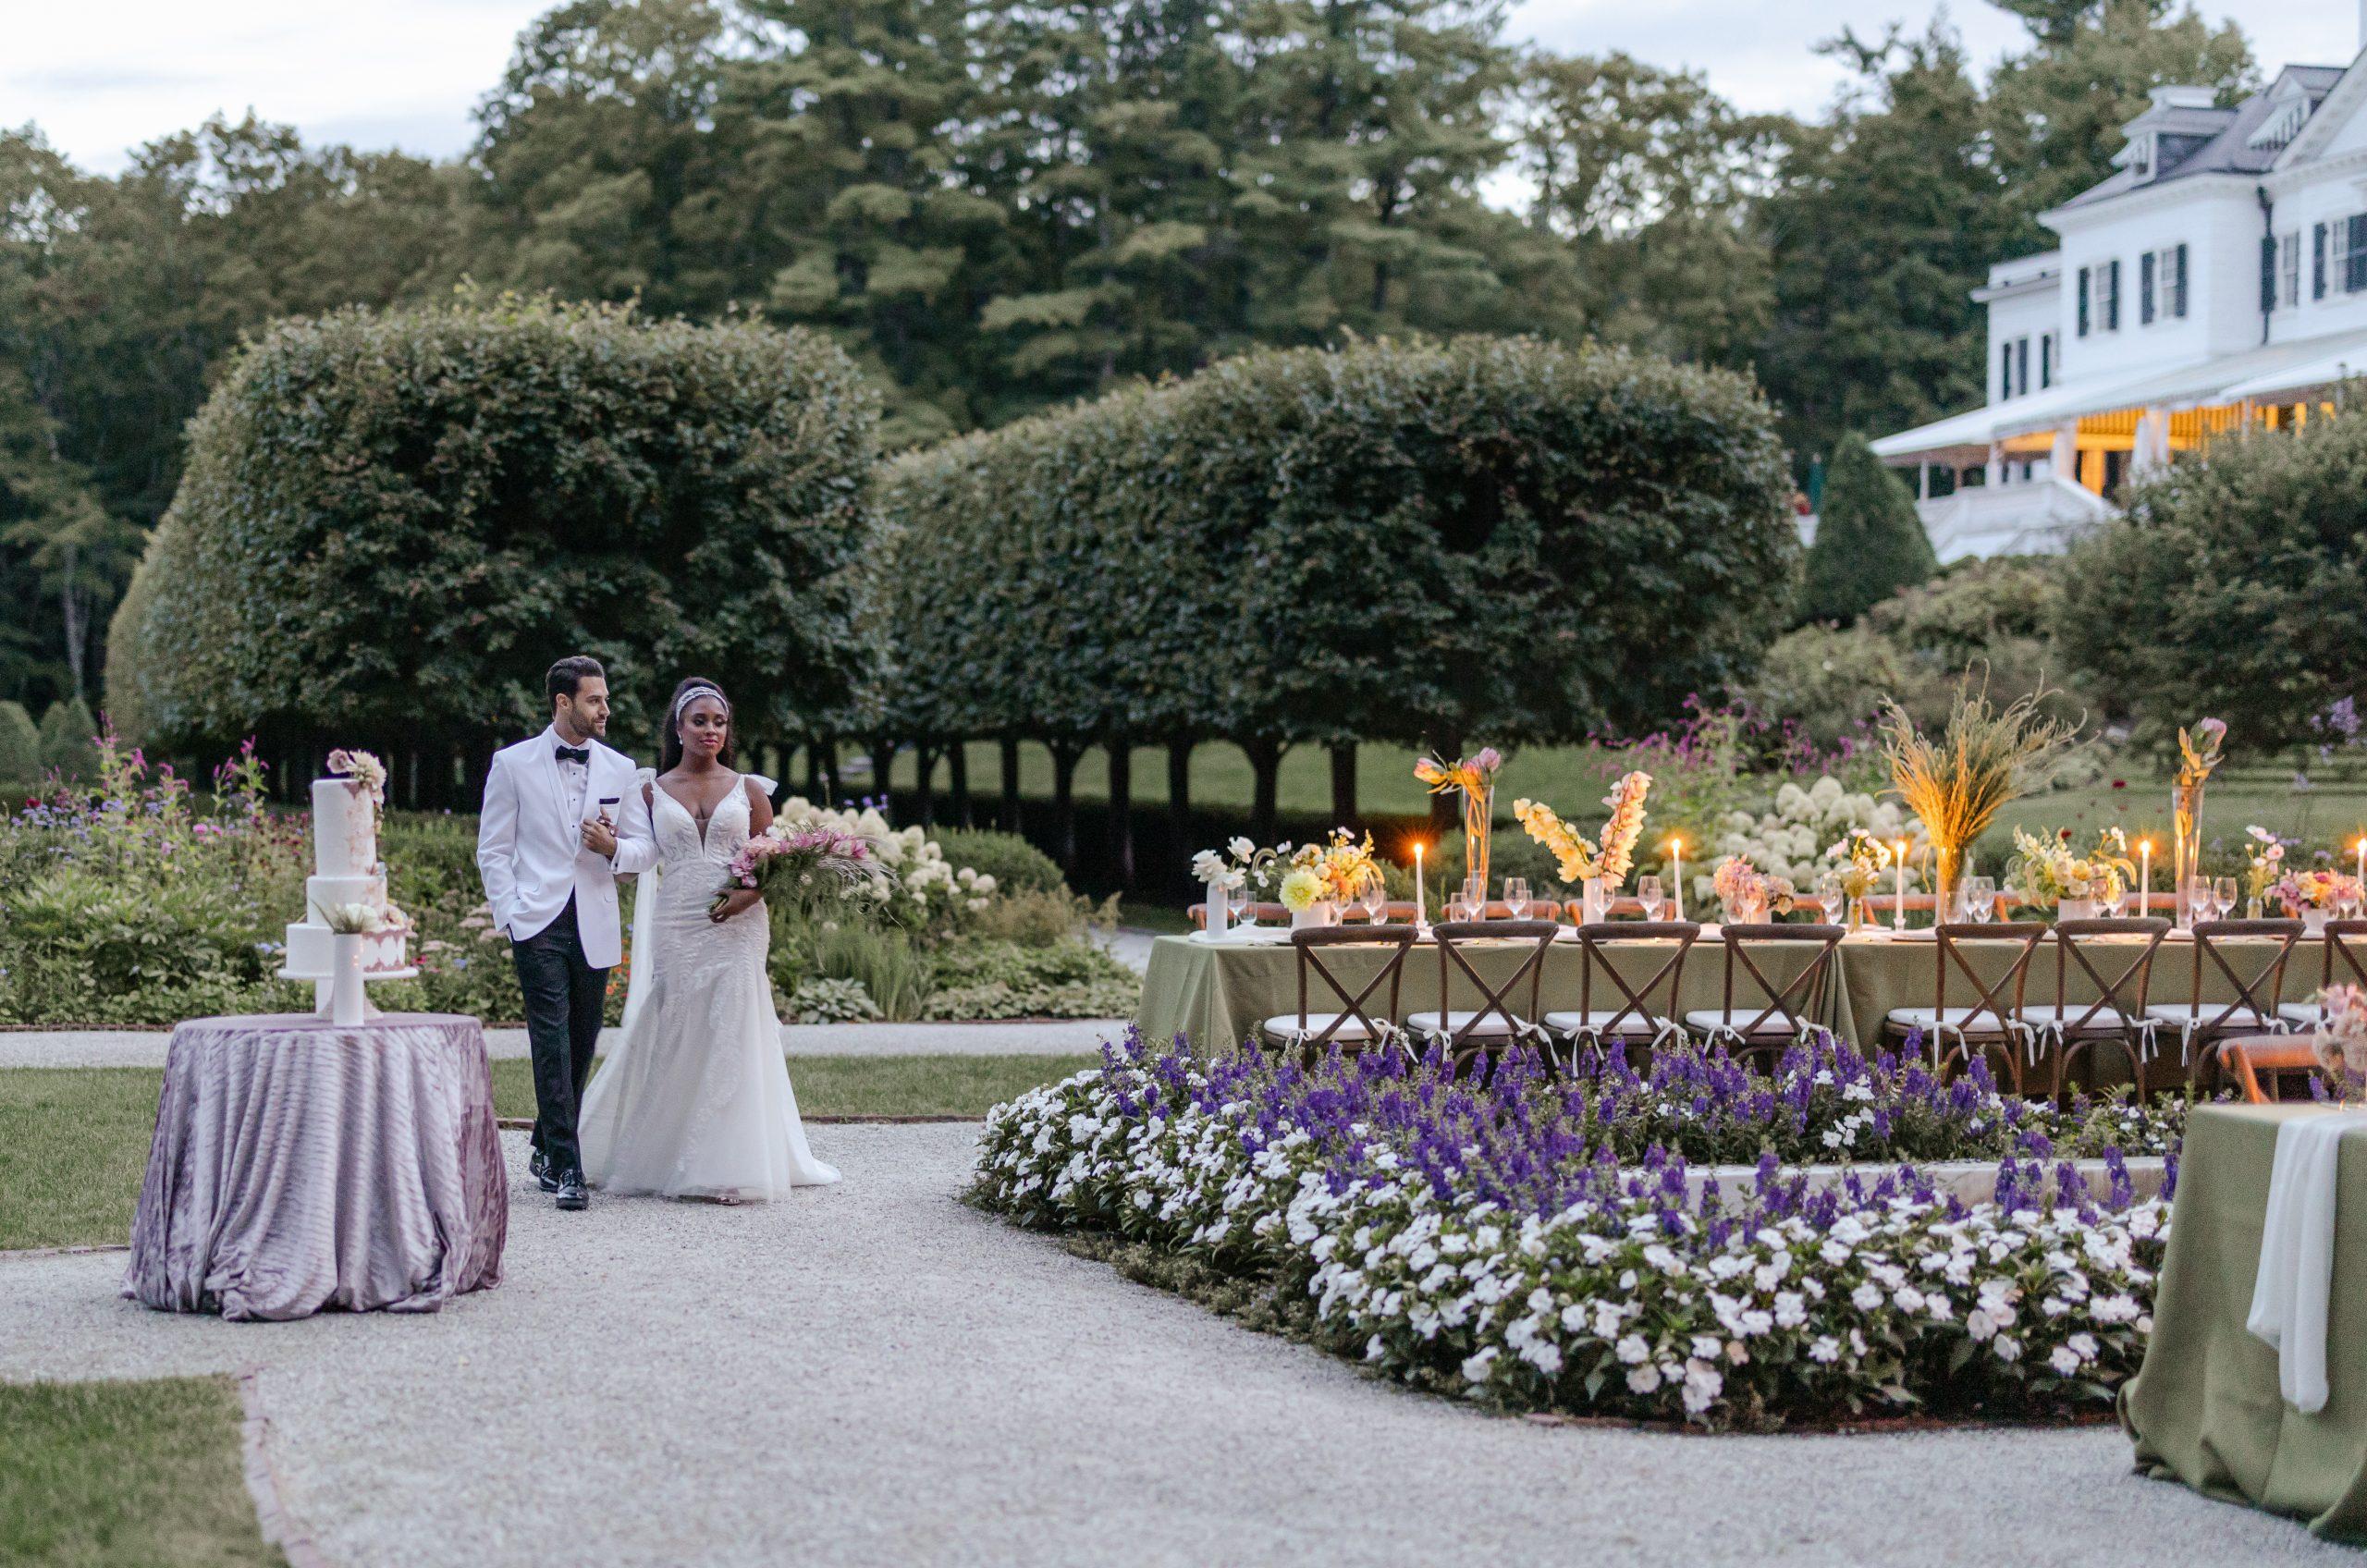 a bride and groom in chic attire